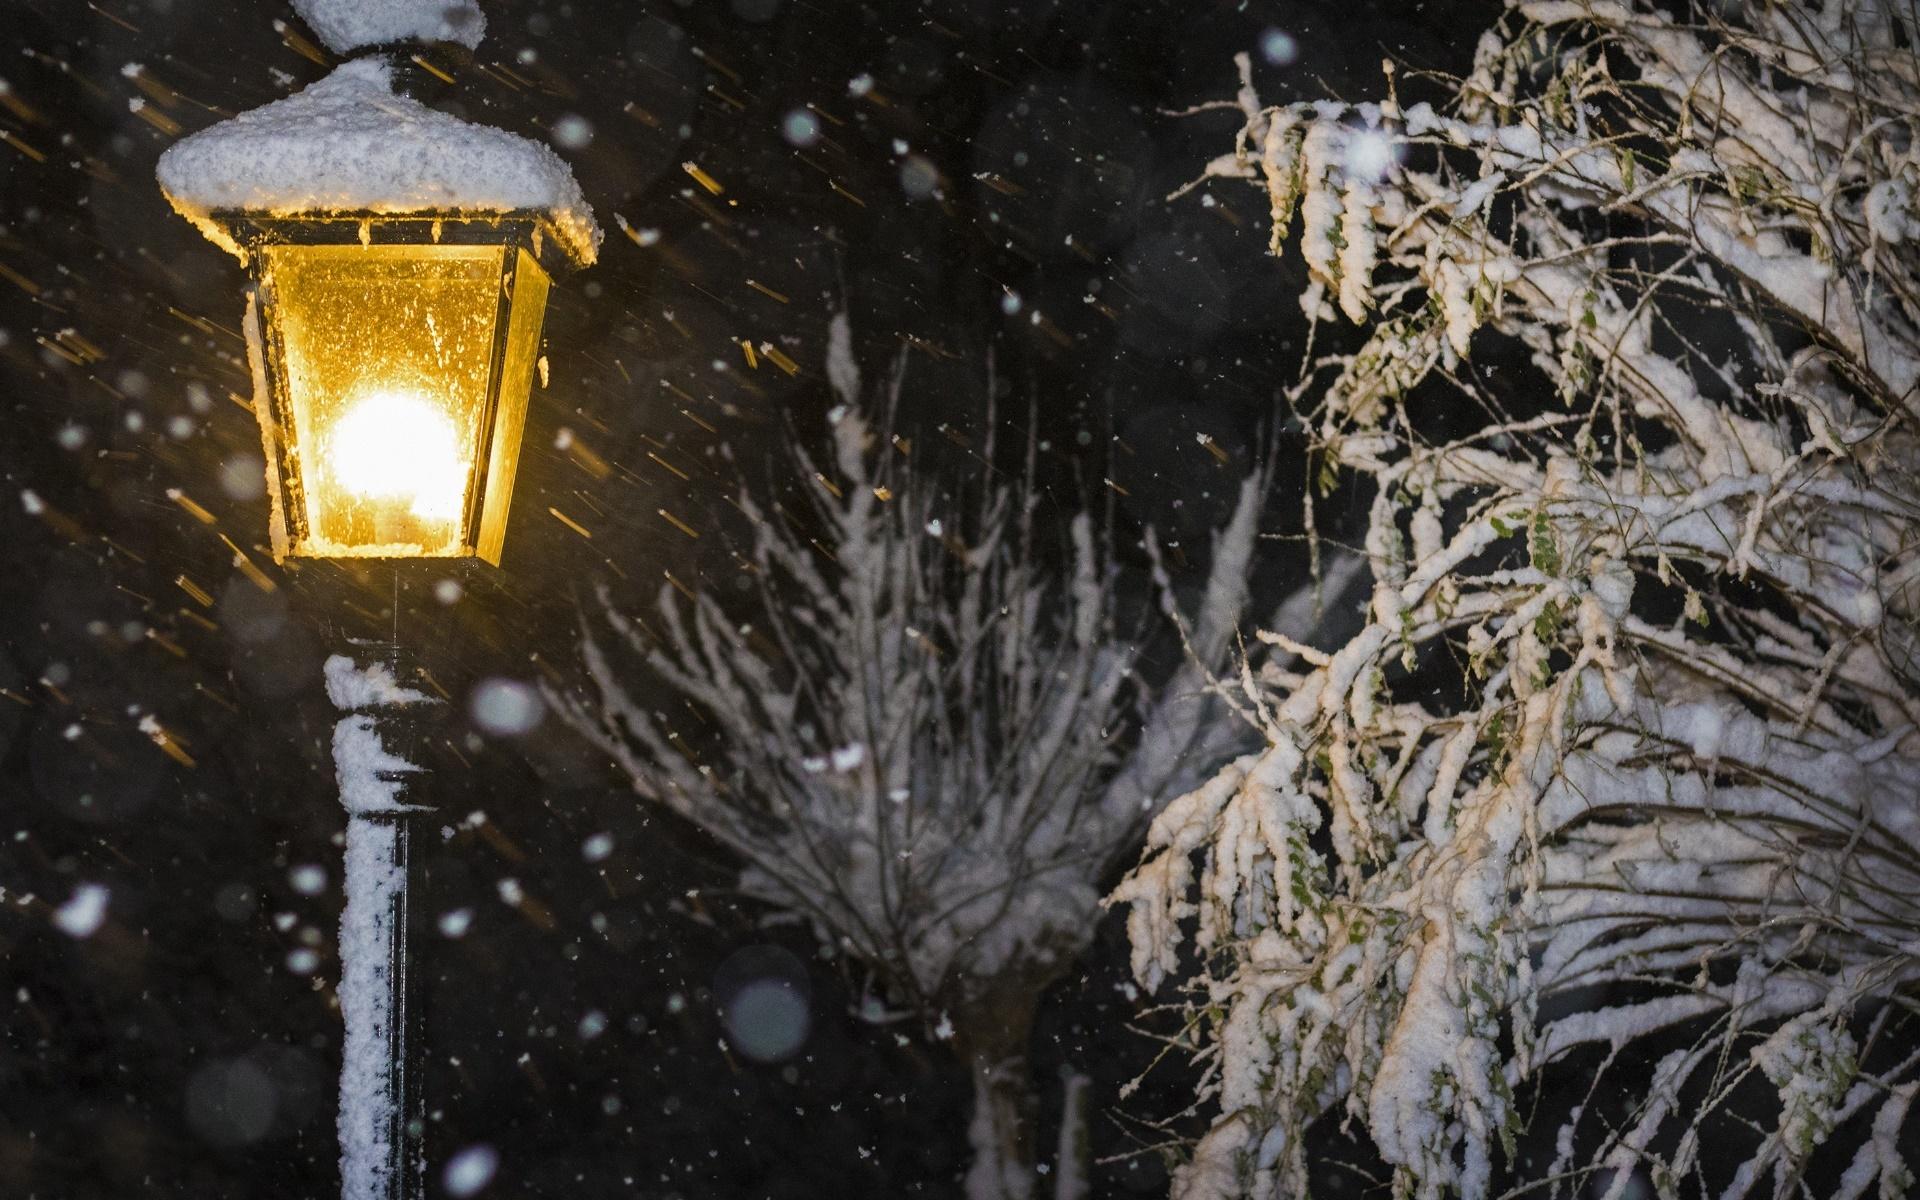 снег на фонарях картинки глядя